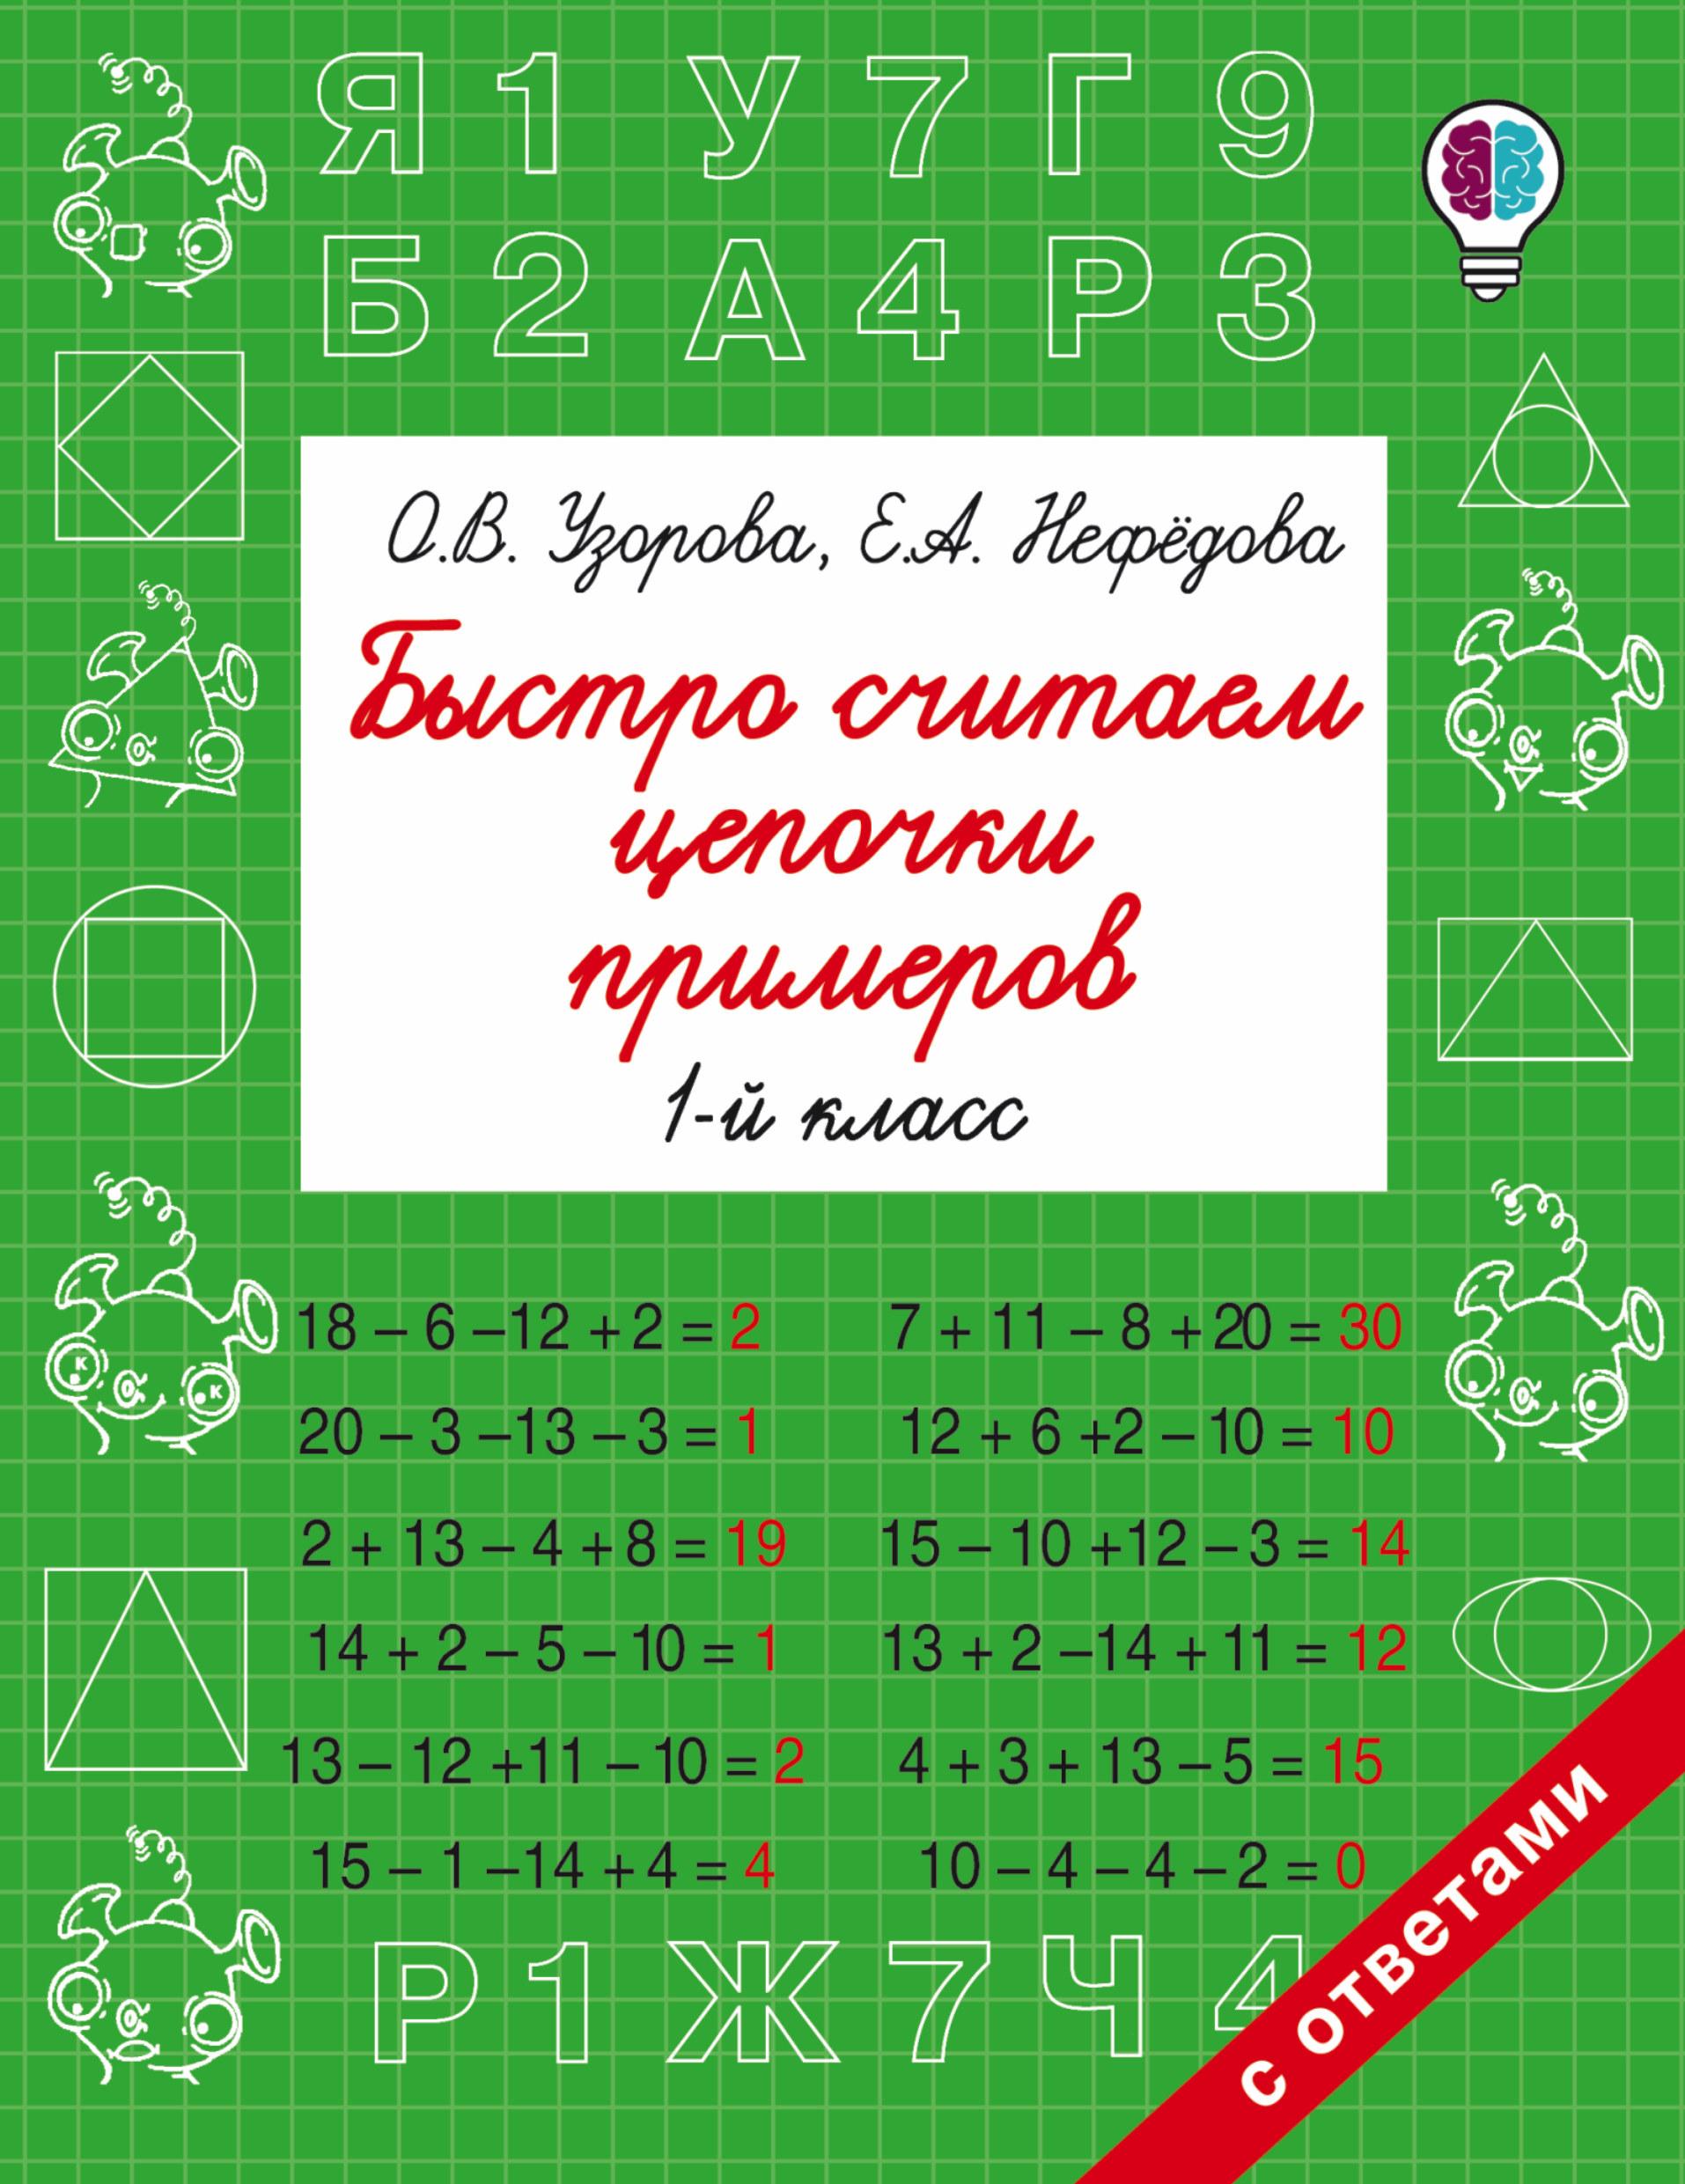 Узорова О.В., Нефедова Е.А. Быстро считаем цепочки примеров. 1 класс узорова о нефедова е быстро считаем цепочки примеров 4 класс